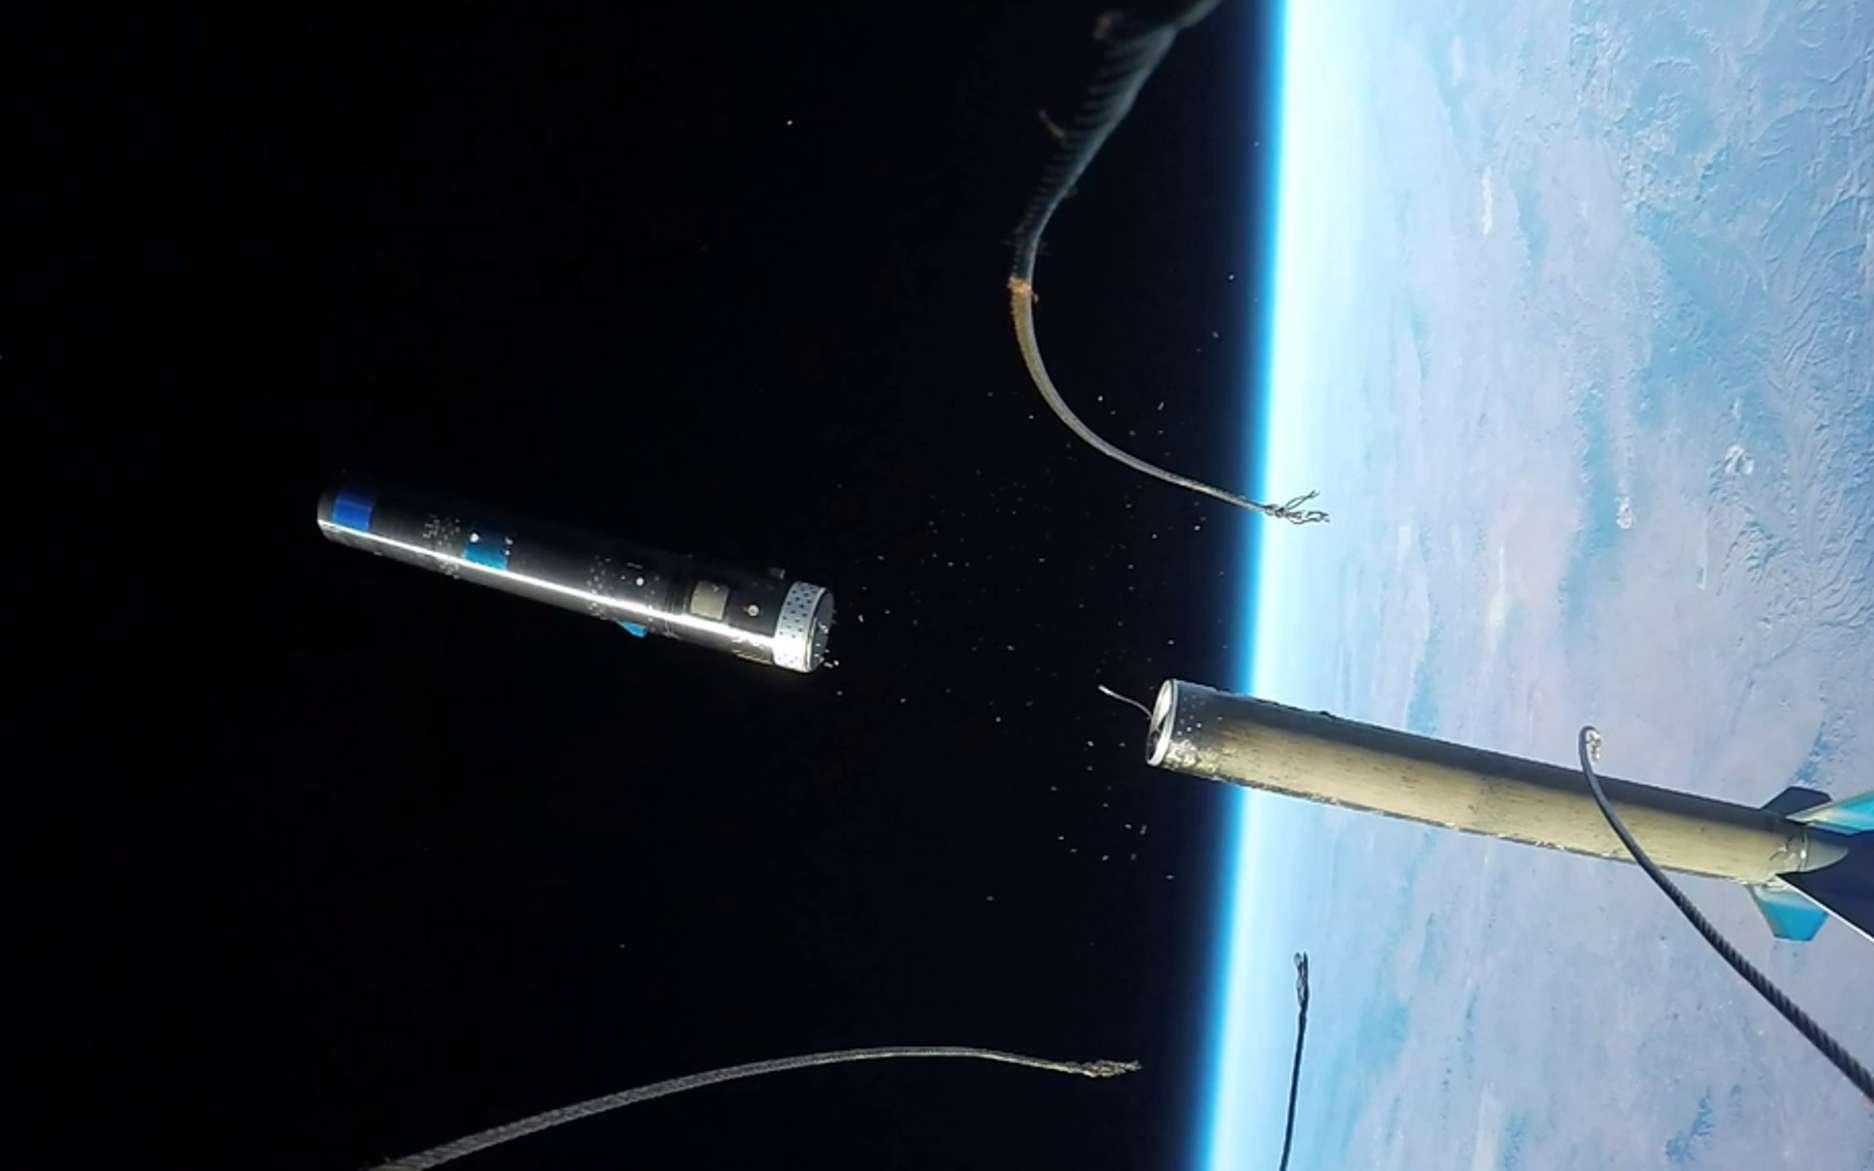 Une photo extraite de la vidéo montrant la séparation des étages de la fusée SpaceLoft-10. Elle emportait une capsule de la Nasa pour tester son retour sur Terre. © UP Aerospace